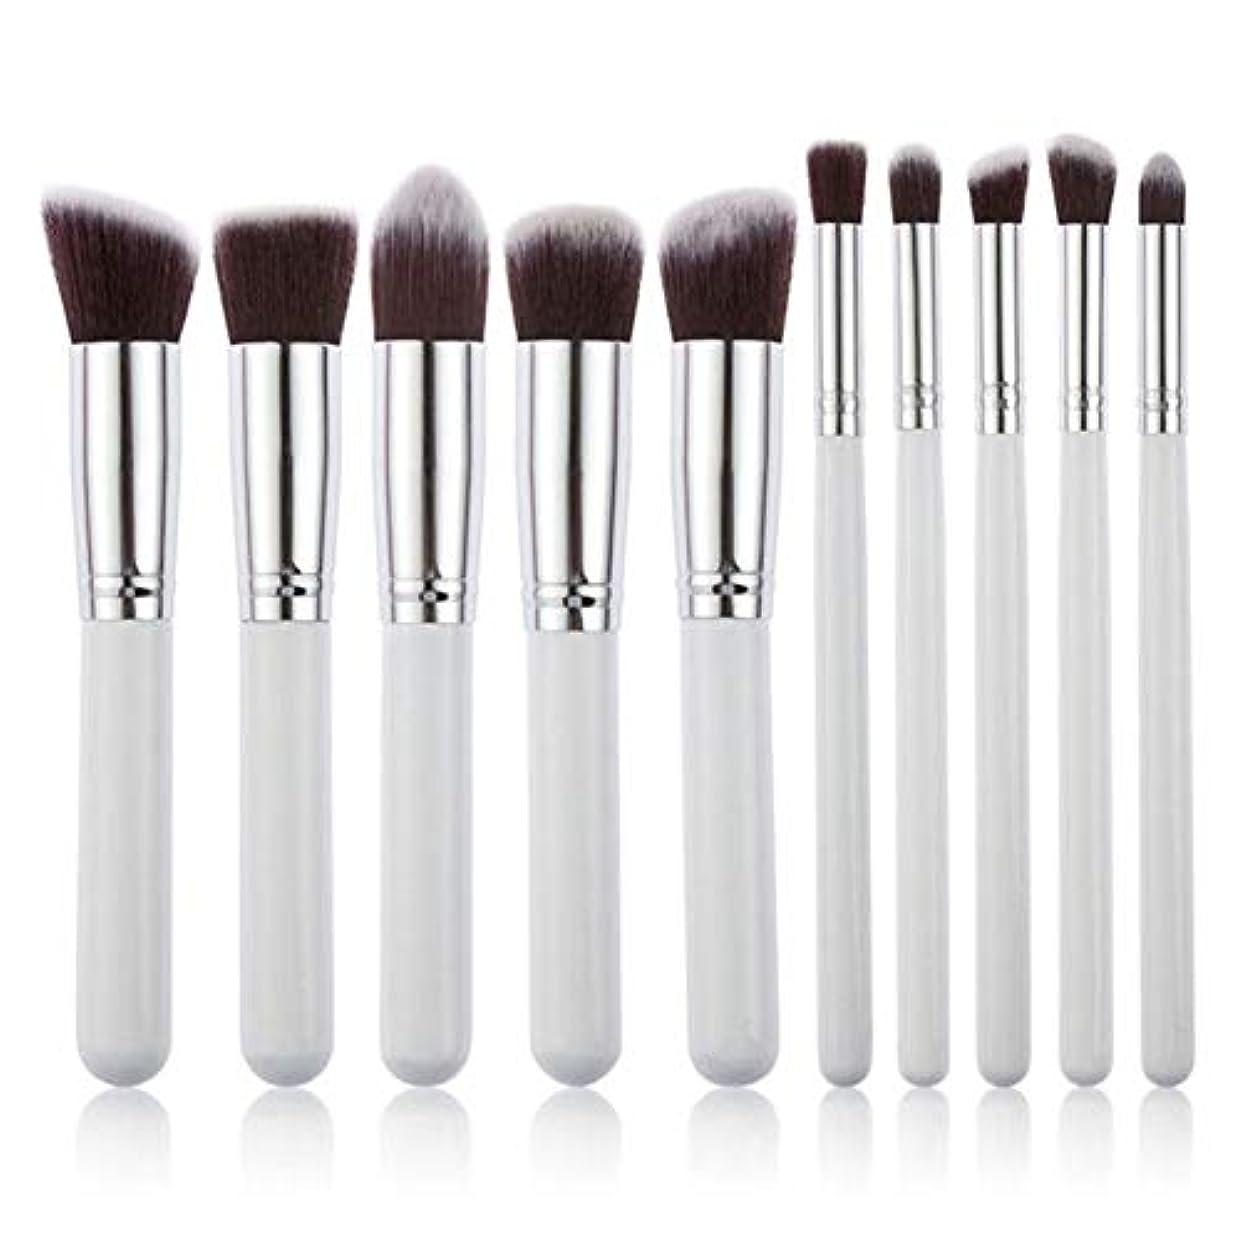 ご近所プログレッシブカートリッジMakeup brushes 10ピースWhiteMakeupブラシセットモダンスラックパウダーブラシアイシャドウブラシコンターブラシ suits (Color : White Silver)